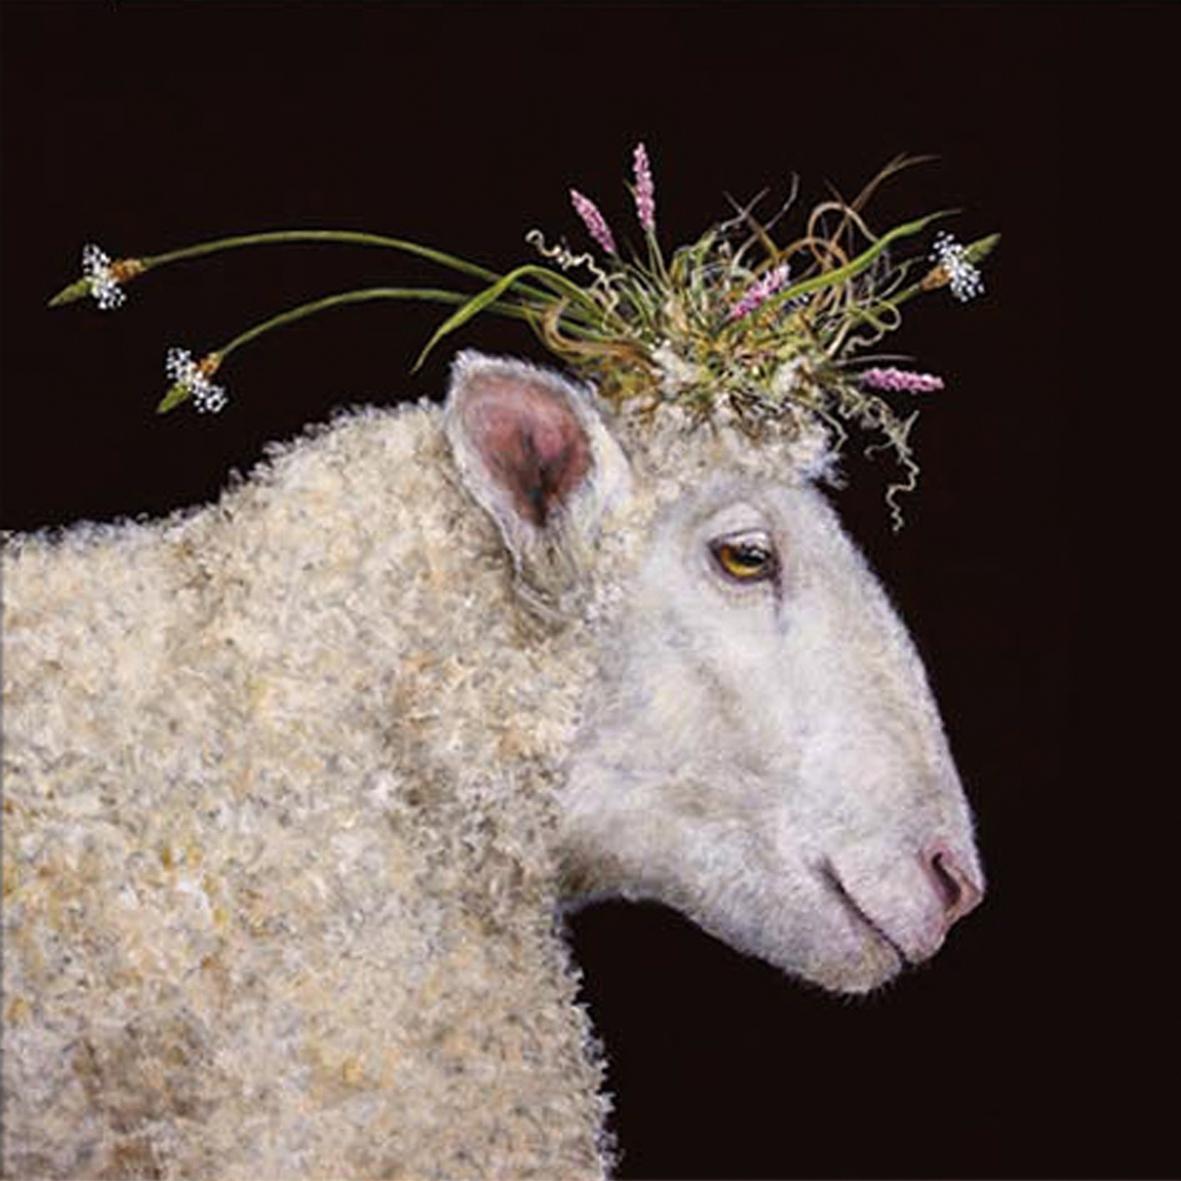 Servietten 25 x 25 cm,  Blumen -  Sonstige,  Tiere - Schafe,  Everyday,  cocktail servietten,  Schafe,  Blumen